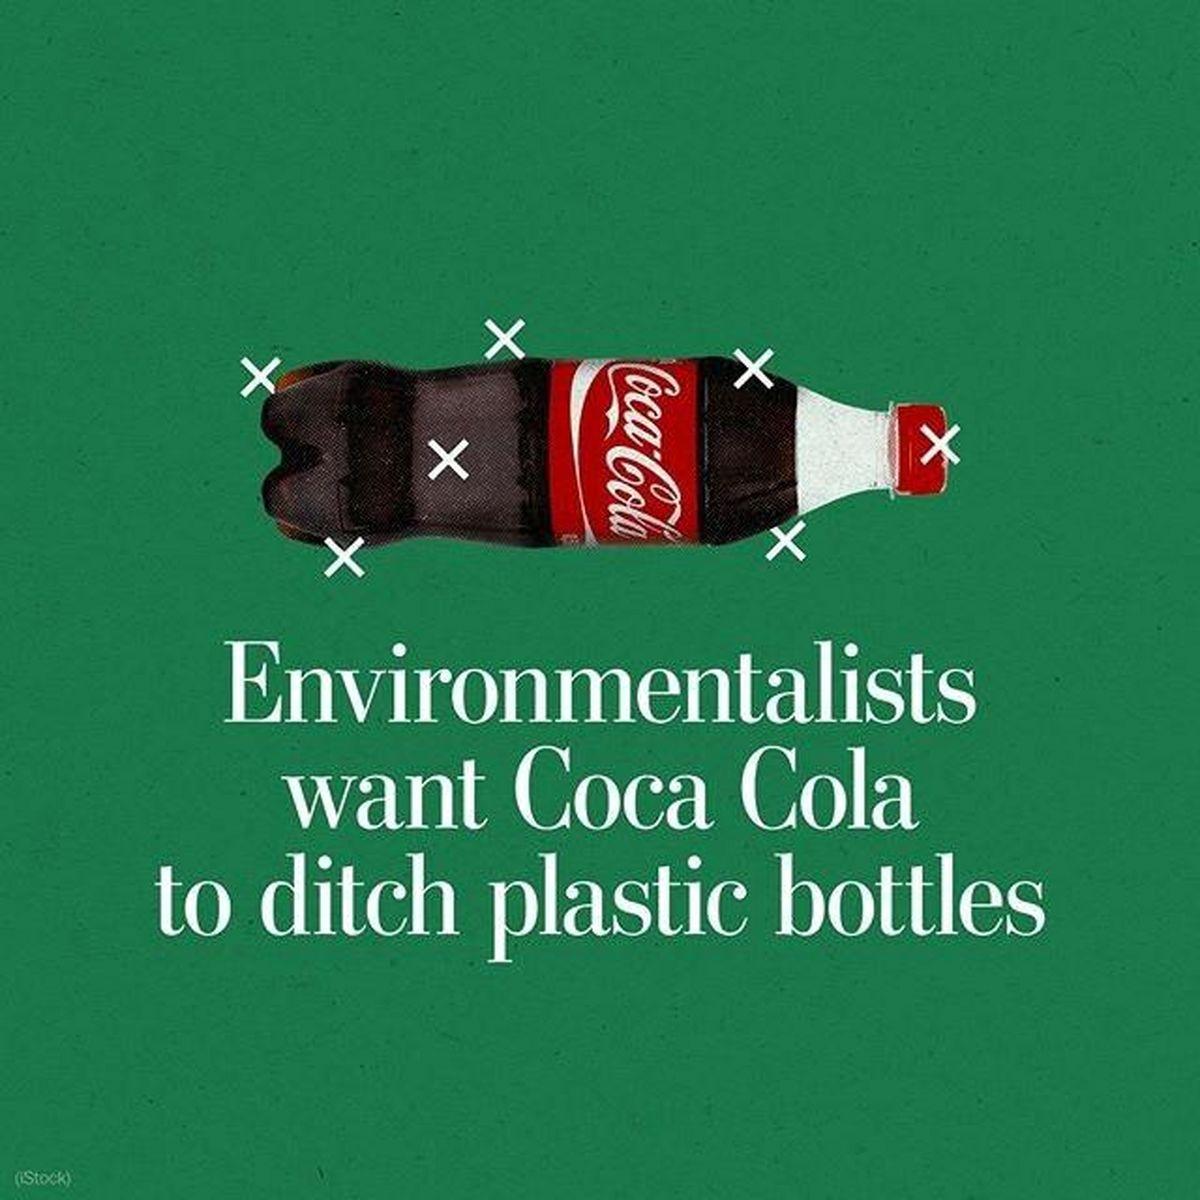 خواسته حامیان محیطزیست از شرکت کوکاکولا